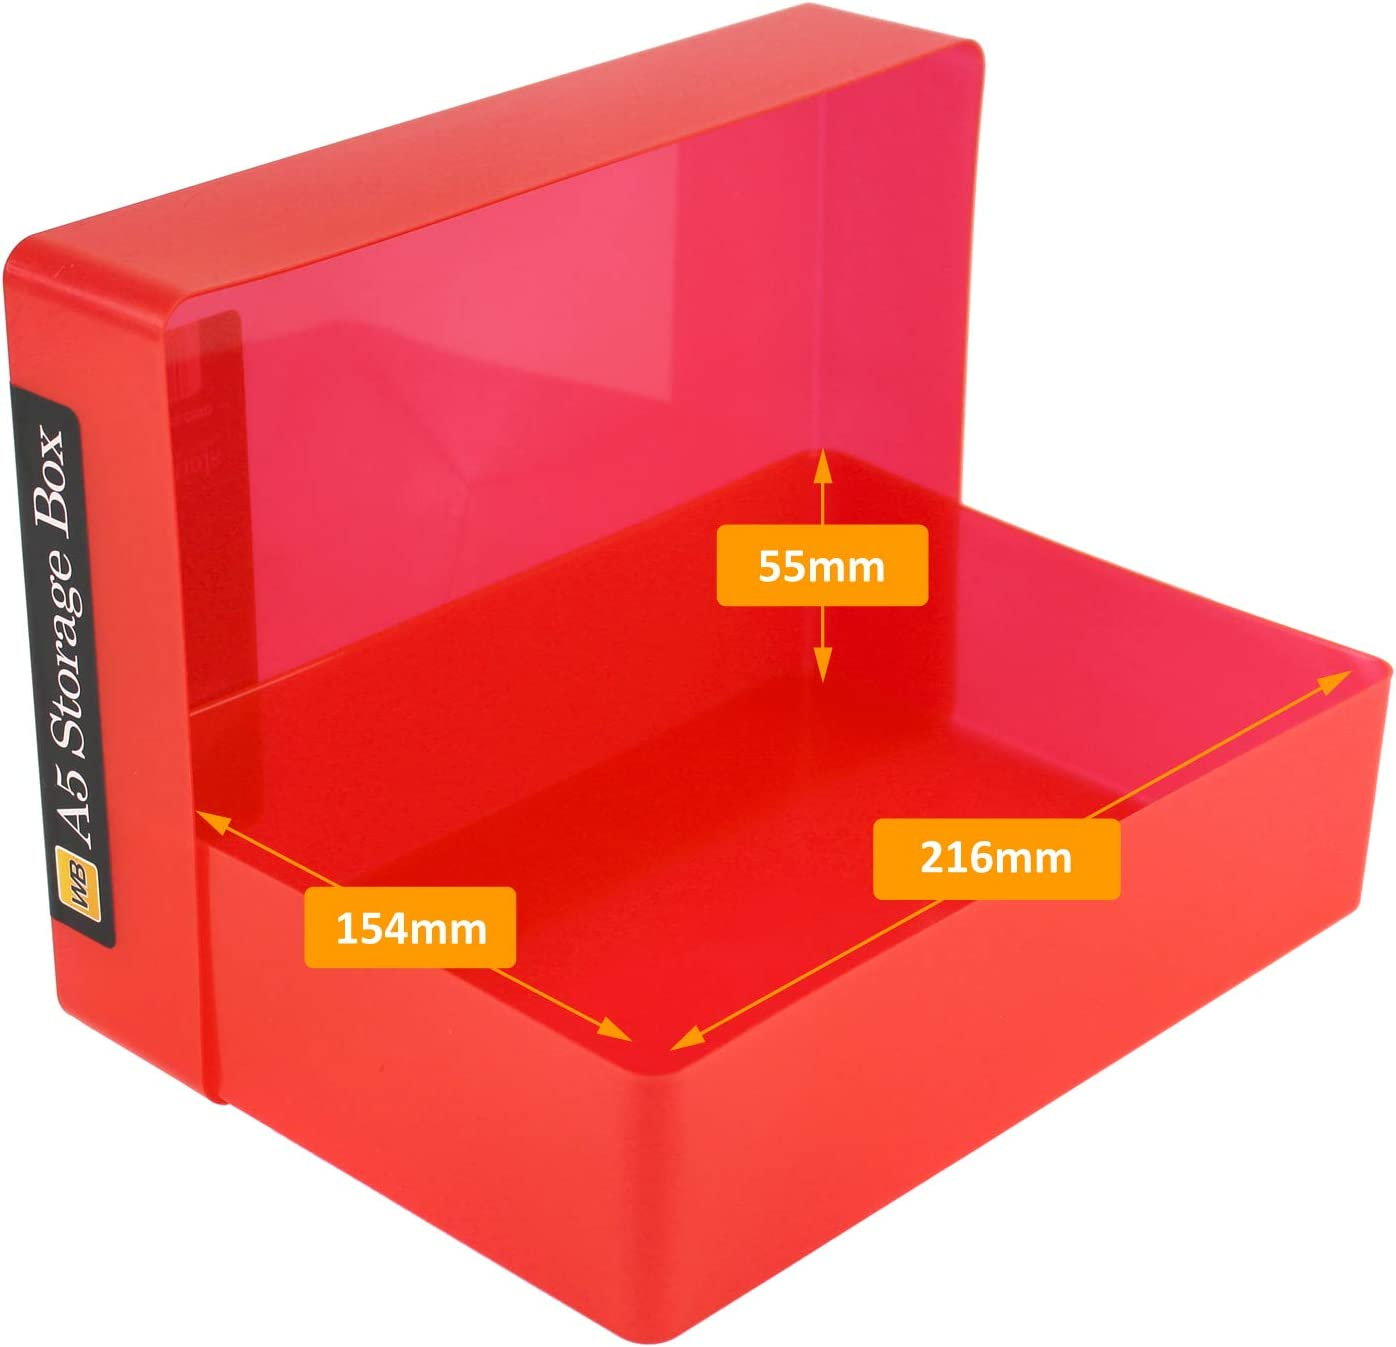 WestonBoxes Aufbewahrungsbox aus Kunststoff f/ür 500 Blatt Rot, 5 St/ück 216x154x66mm DIN A5